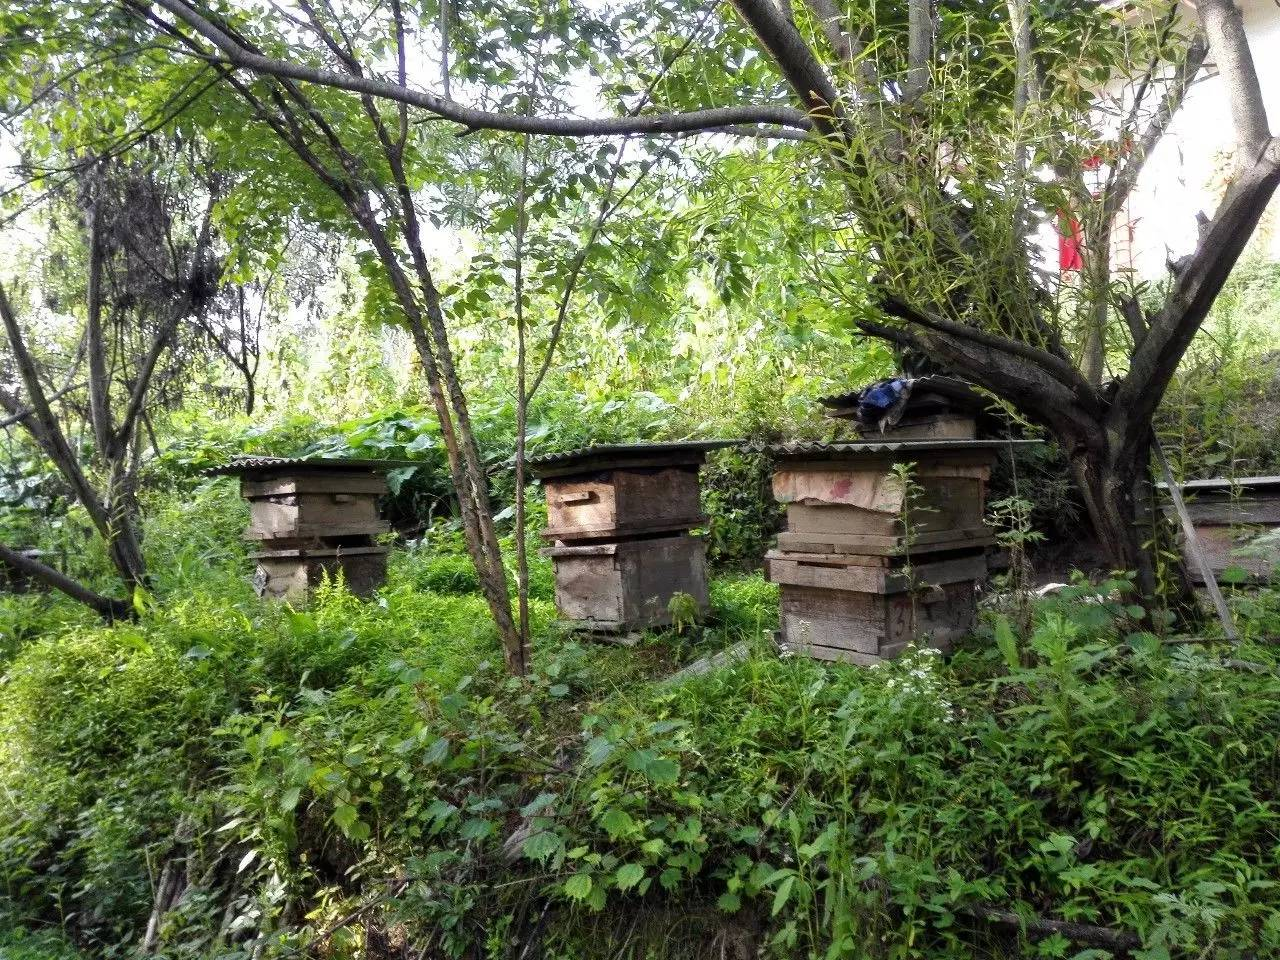 东北蜂蜜好吗 土蜂蜜不结晶 陇刺花蜂蜜 蜂蜜发酵酒 生姜蜂蜜红枣茶的功效